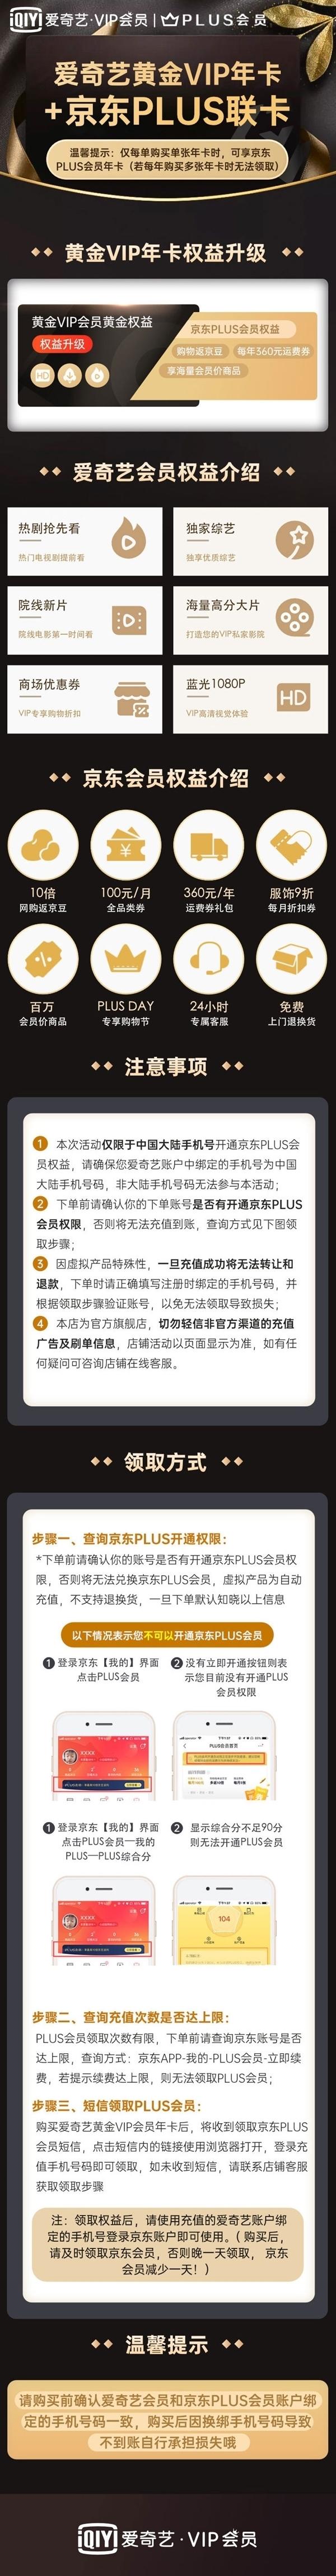 5.5折!官方大促:京东PLUS+爱奇艺VIP双年卡138元